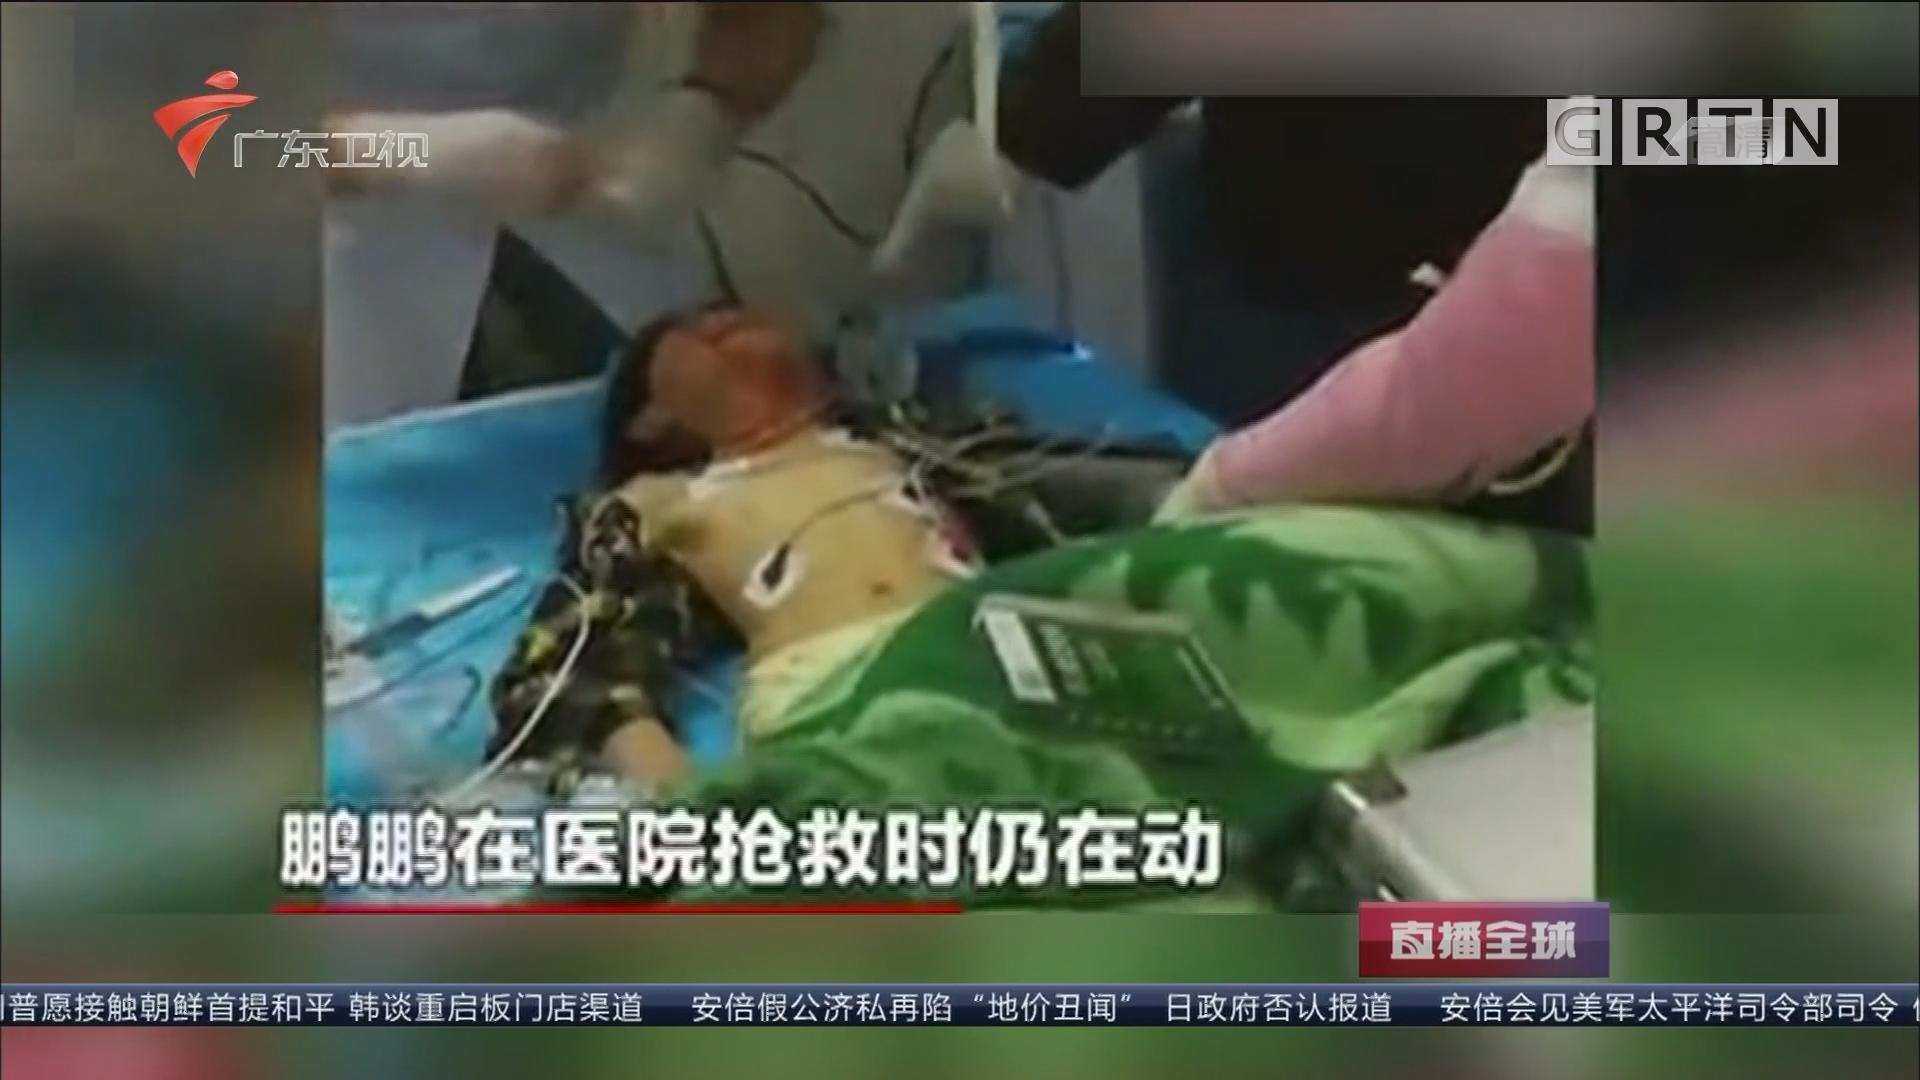 死亡线上捡条命 得来一点不轻松 男童坠楼后被120认定死亡 家属强行送医救活